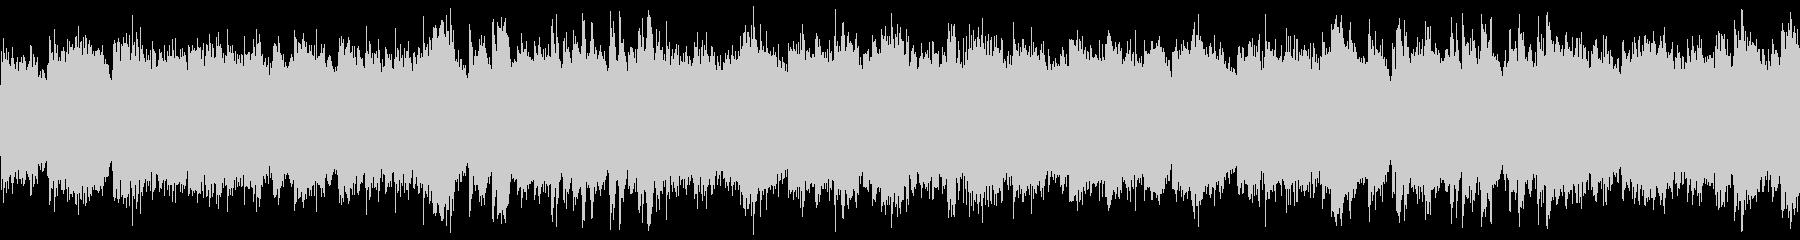 幻想的でやや暗い雰囲気のピアノループの未再生の波形